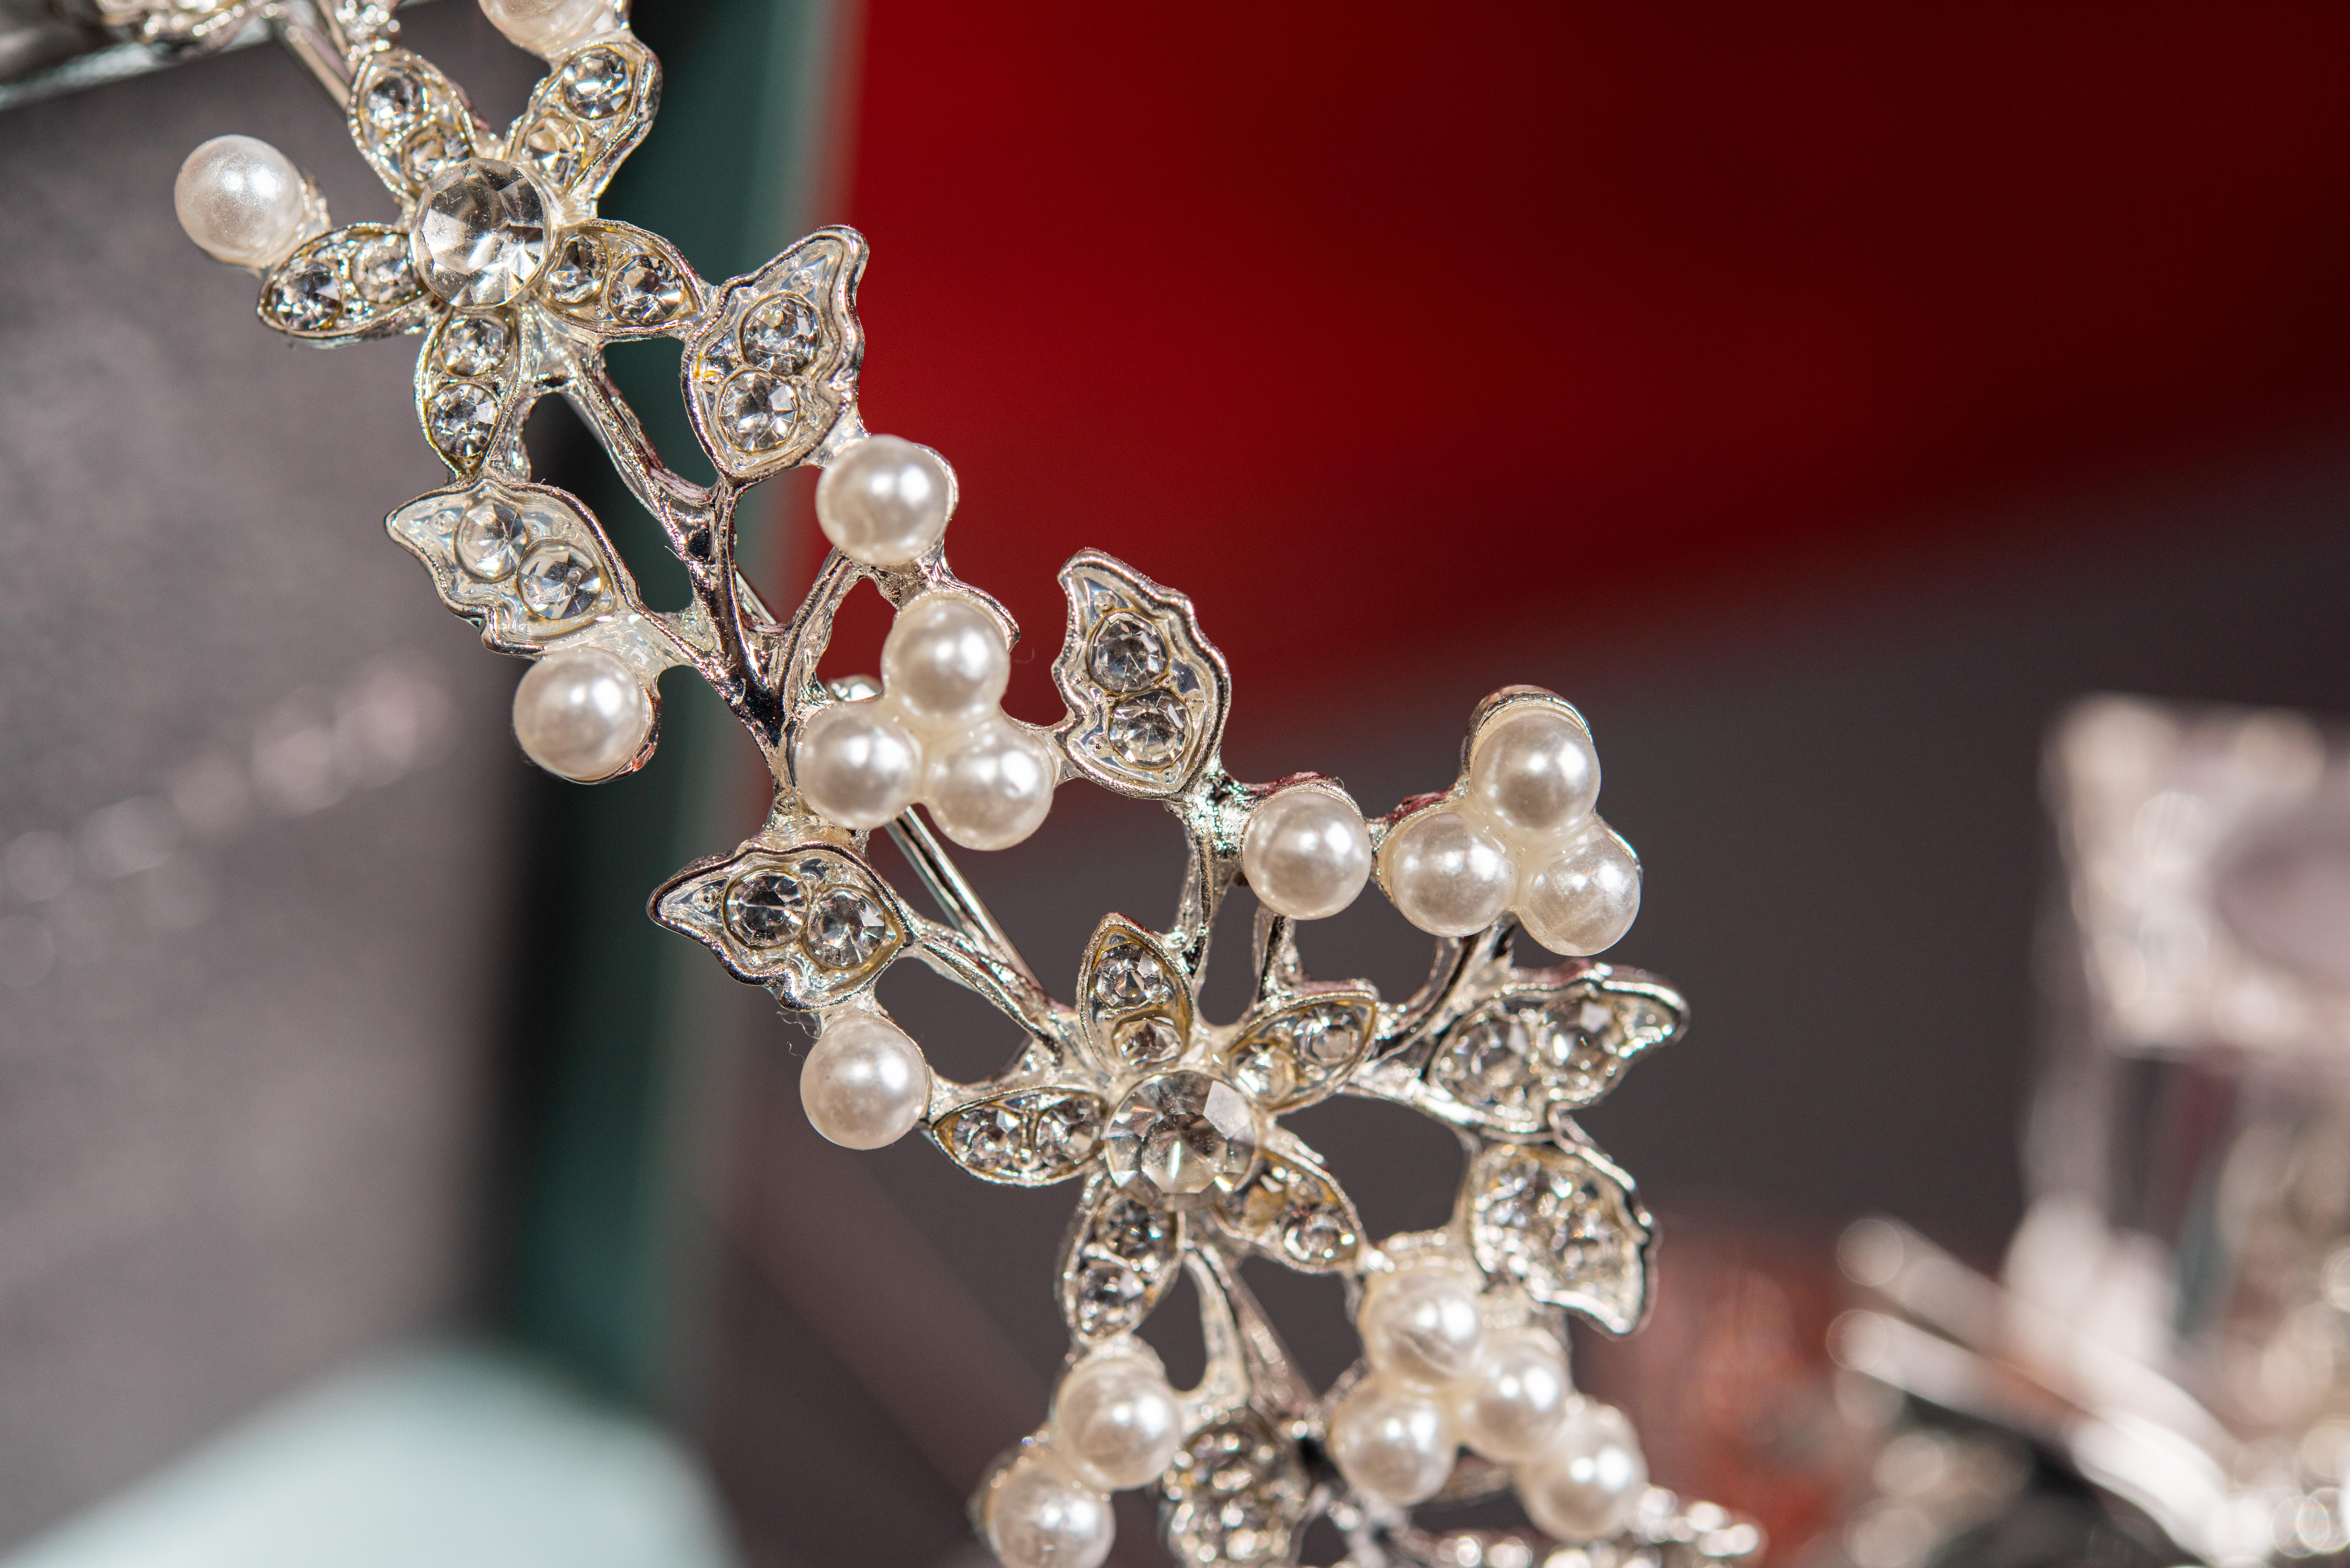 Close up of a wedding tiara.